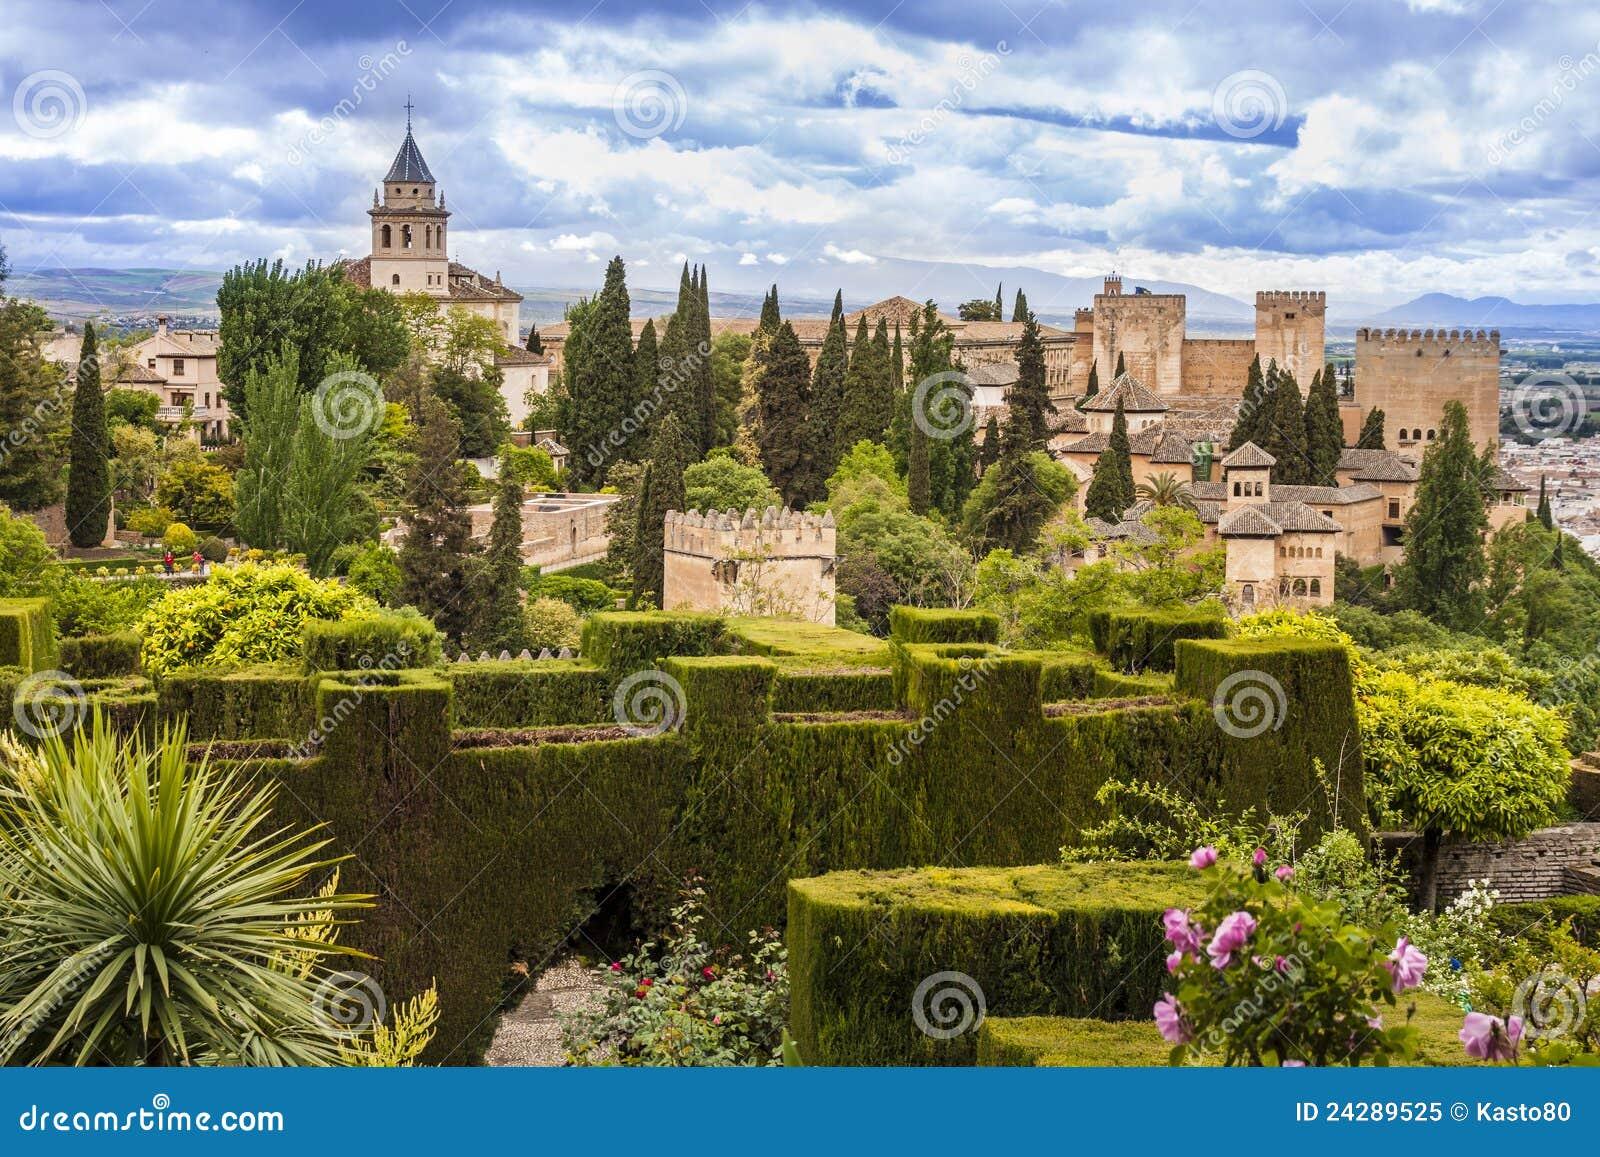 alhambra in granada spain royalty free stock photo